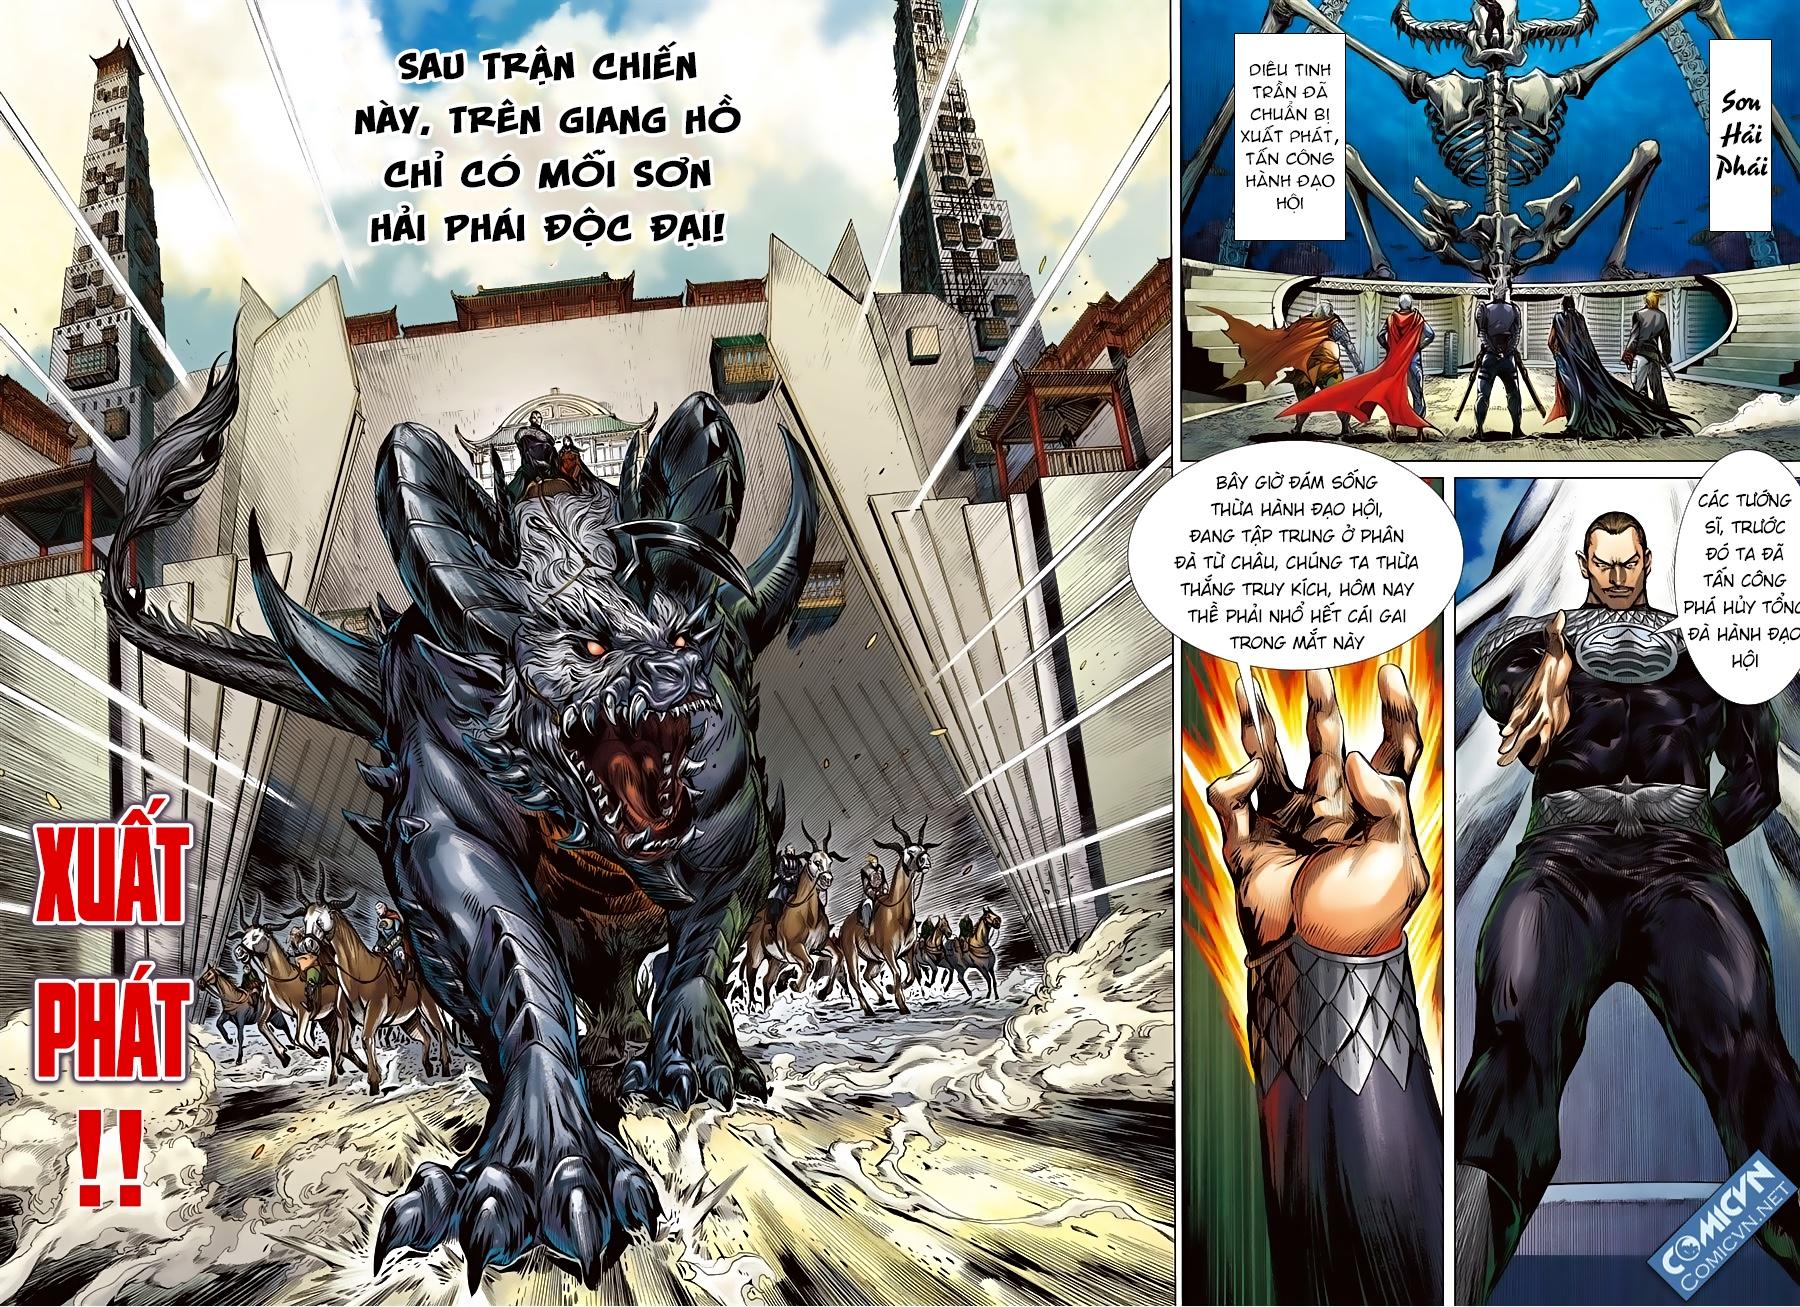 Sơn Hải Nghịch Chiến Chap 83 - Trang 4